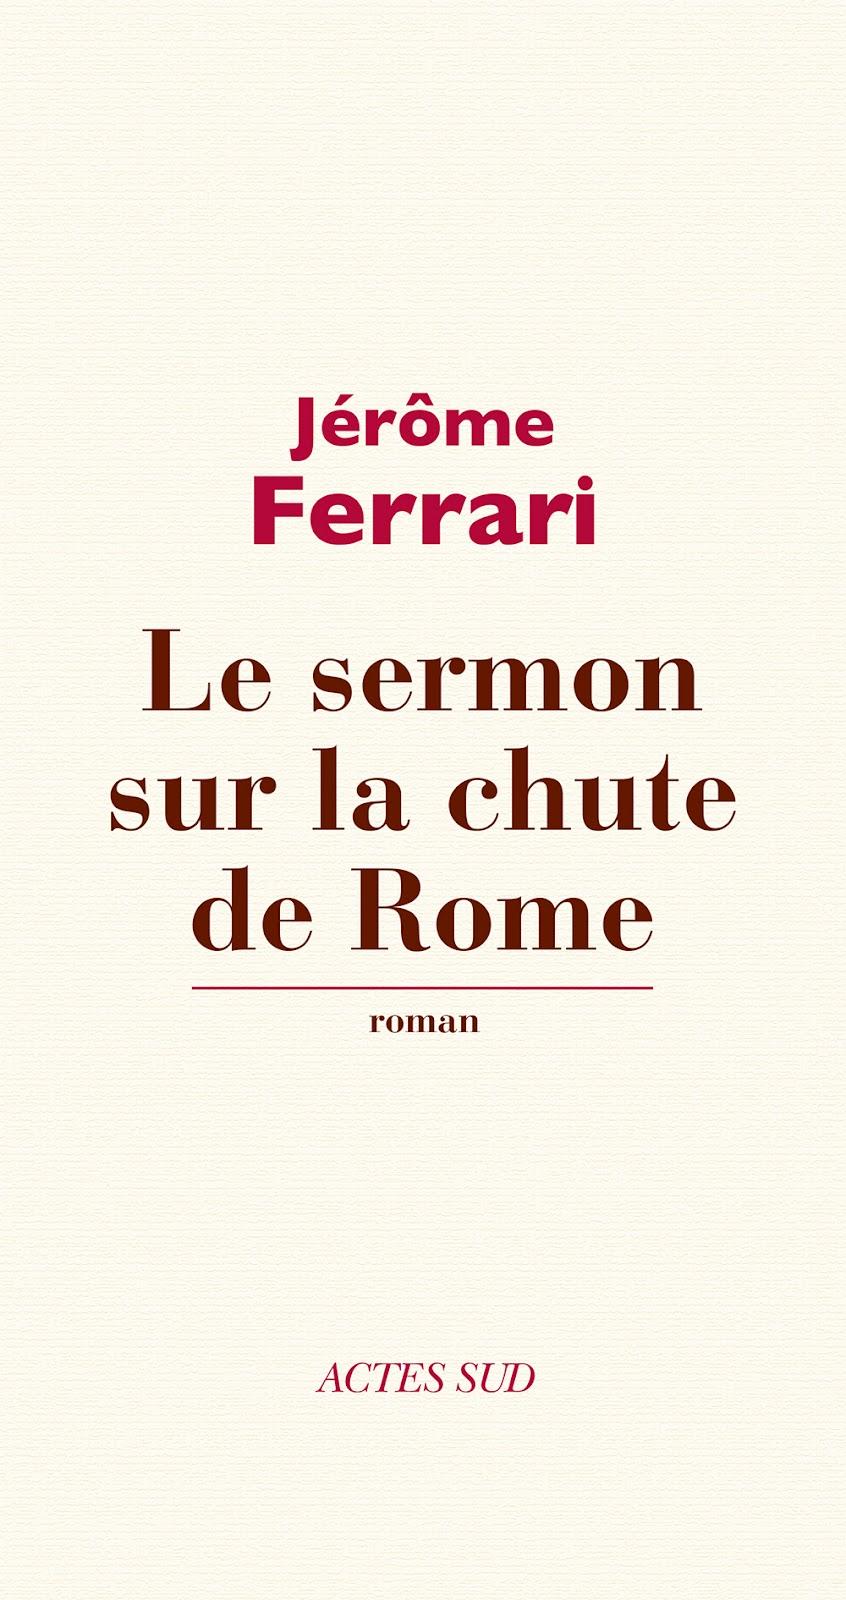 """Résultat de recherche d'images pour """"jérôme ferrari le sermon sur la chute de rome"""""""